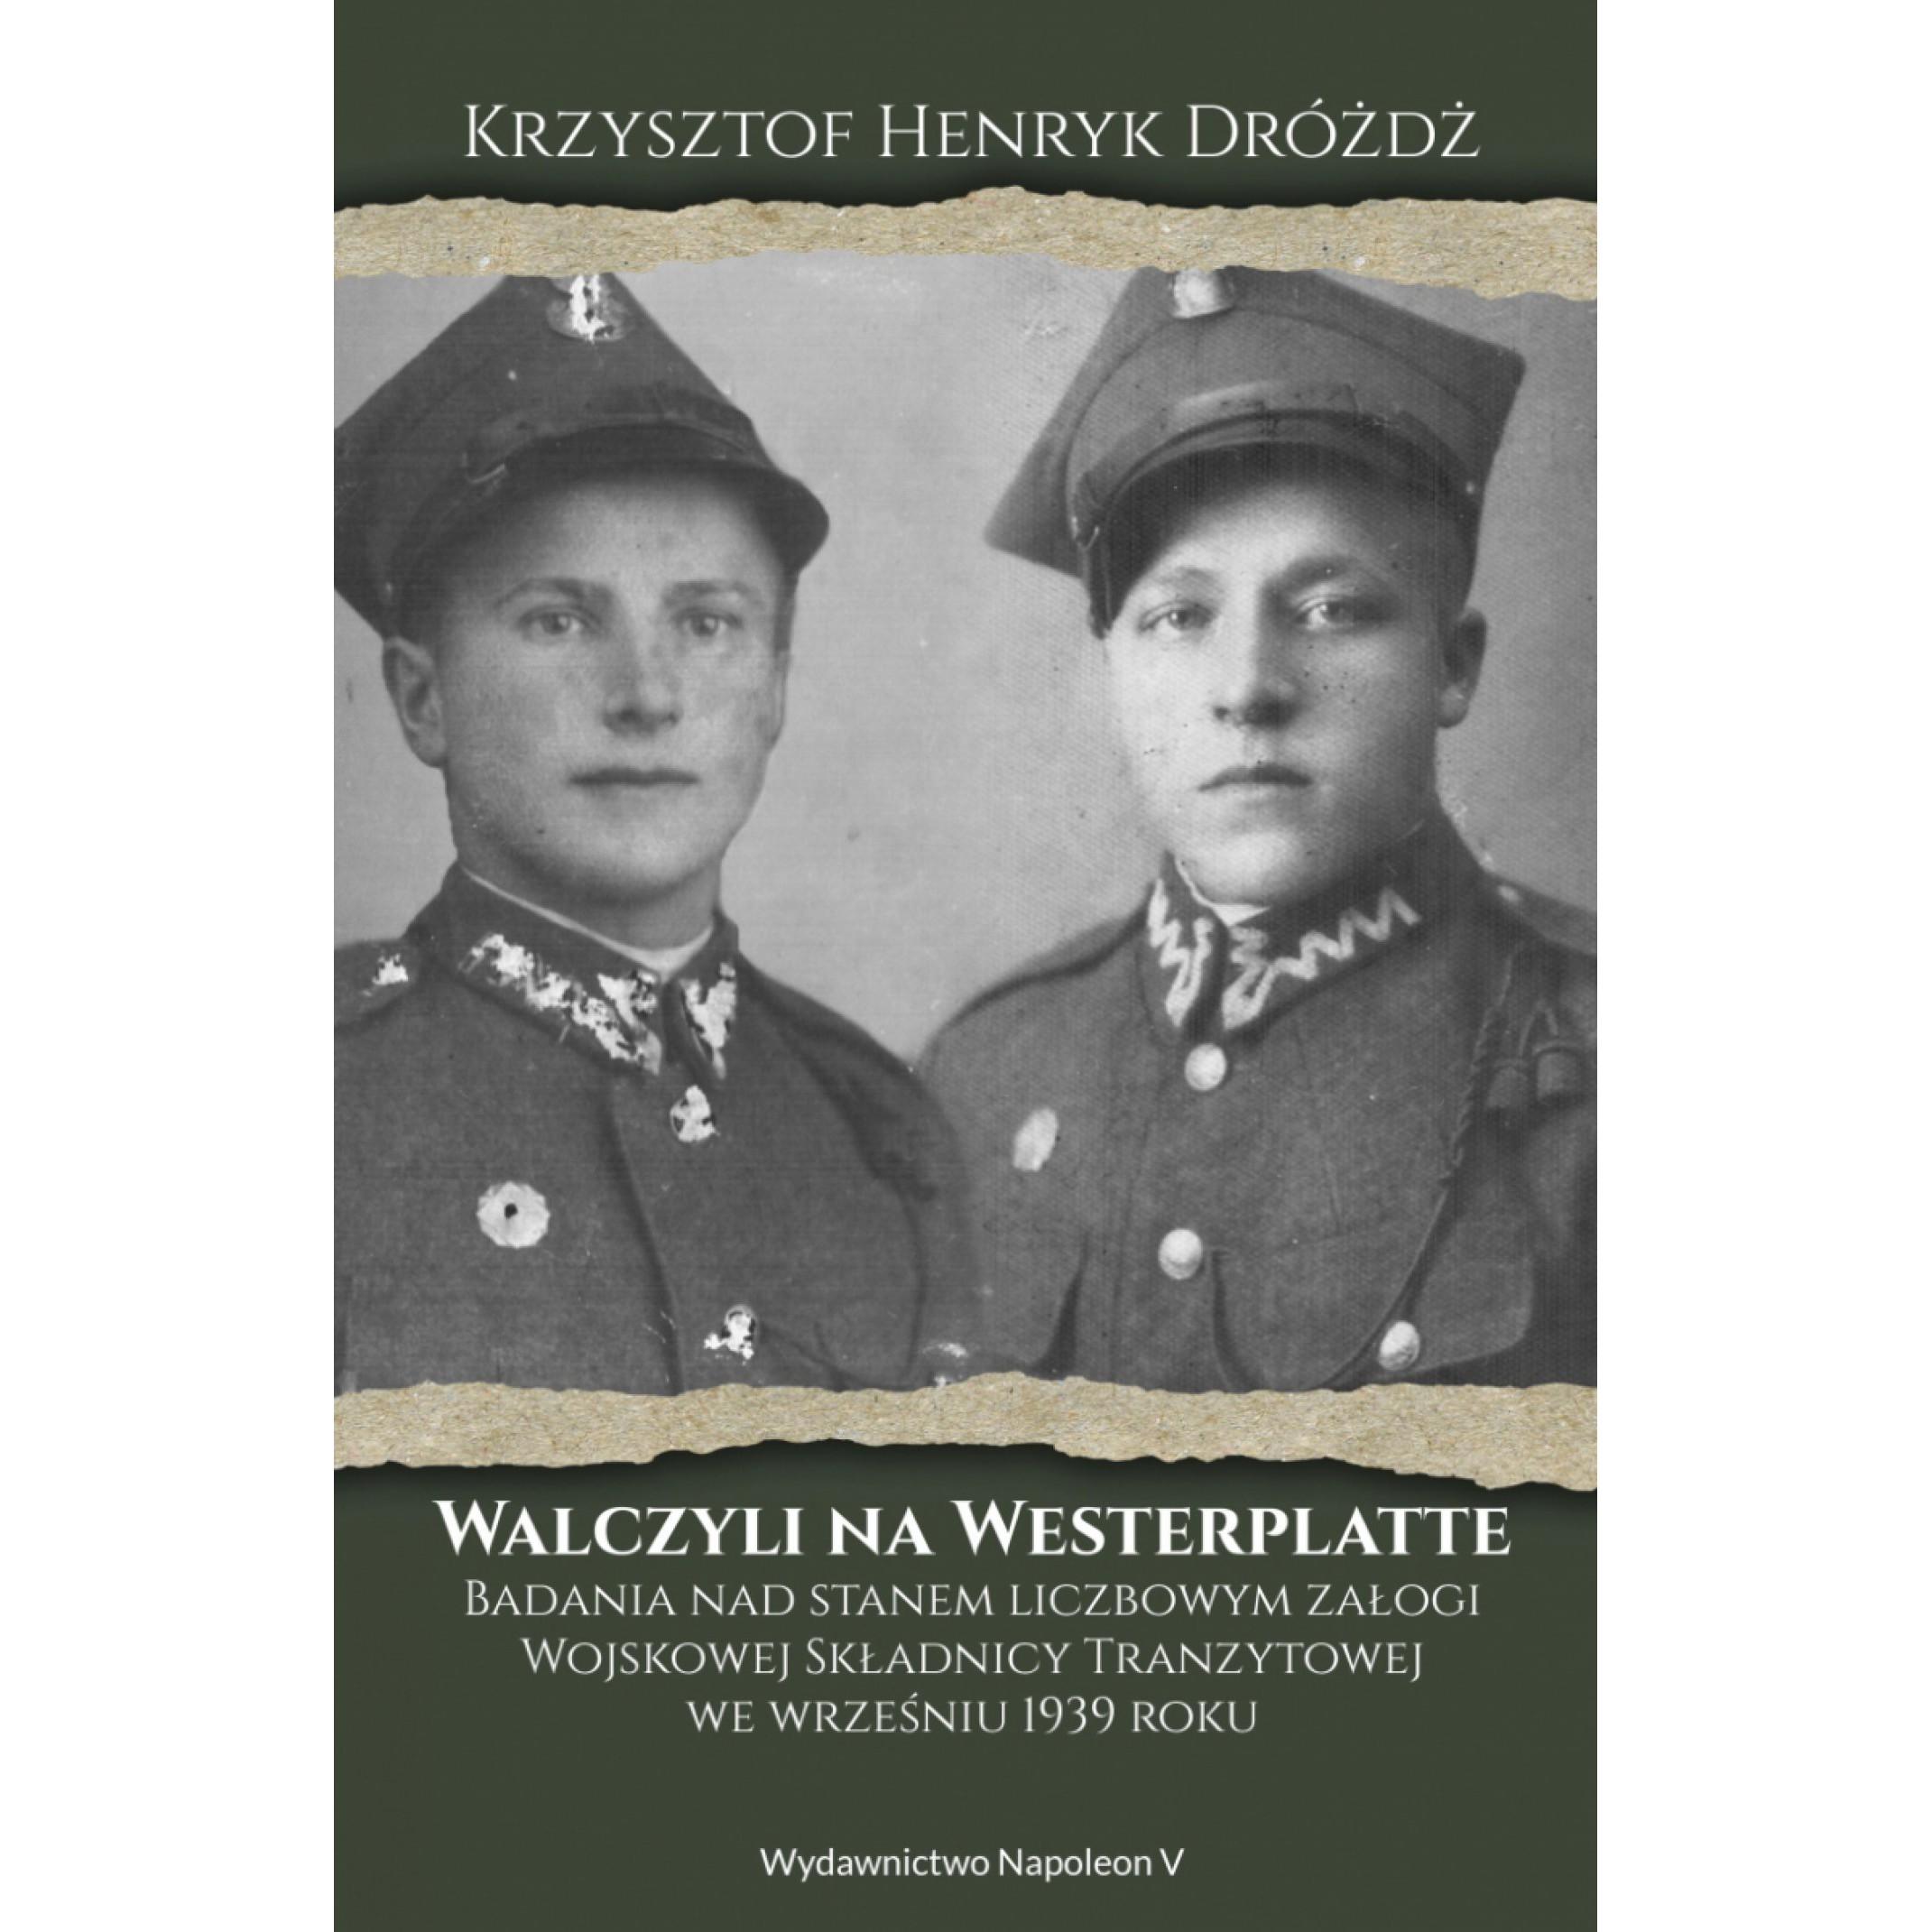 Walczyli na Westerplatte. Badania nad stanem liczbowym załogi Wojskowej Składnicy Tranzytowej we wrześniu 1939 roku